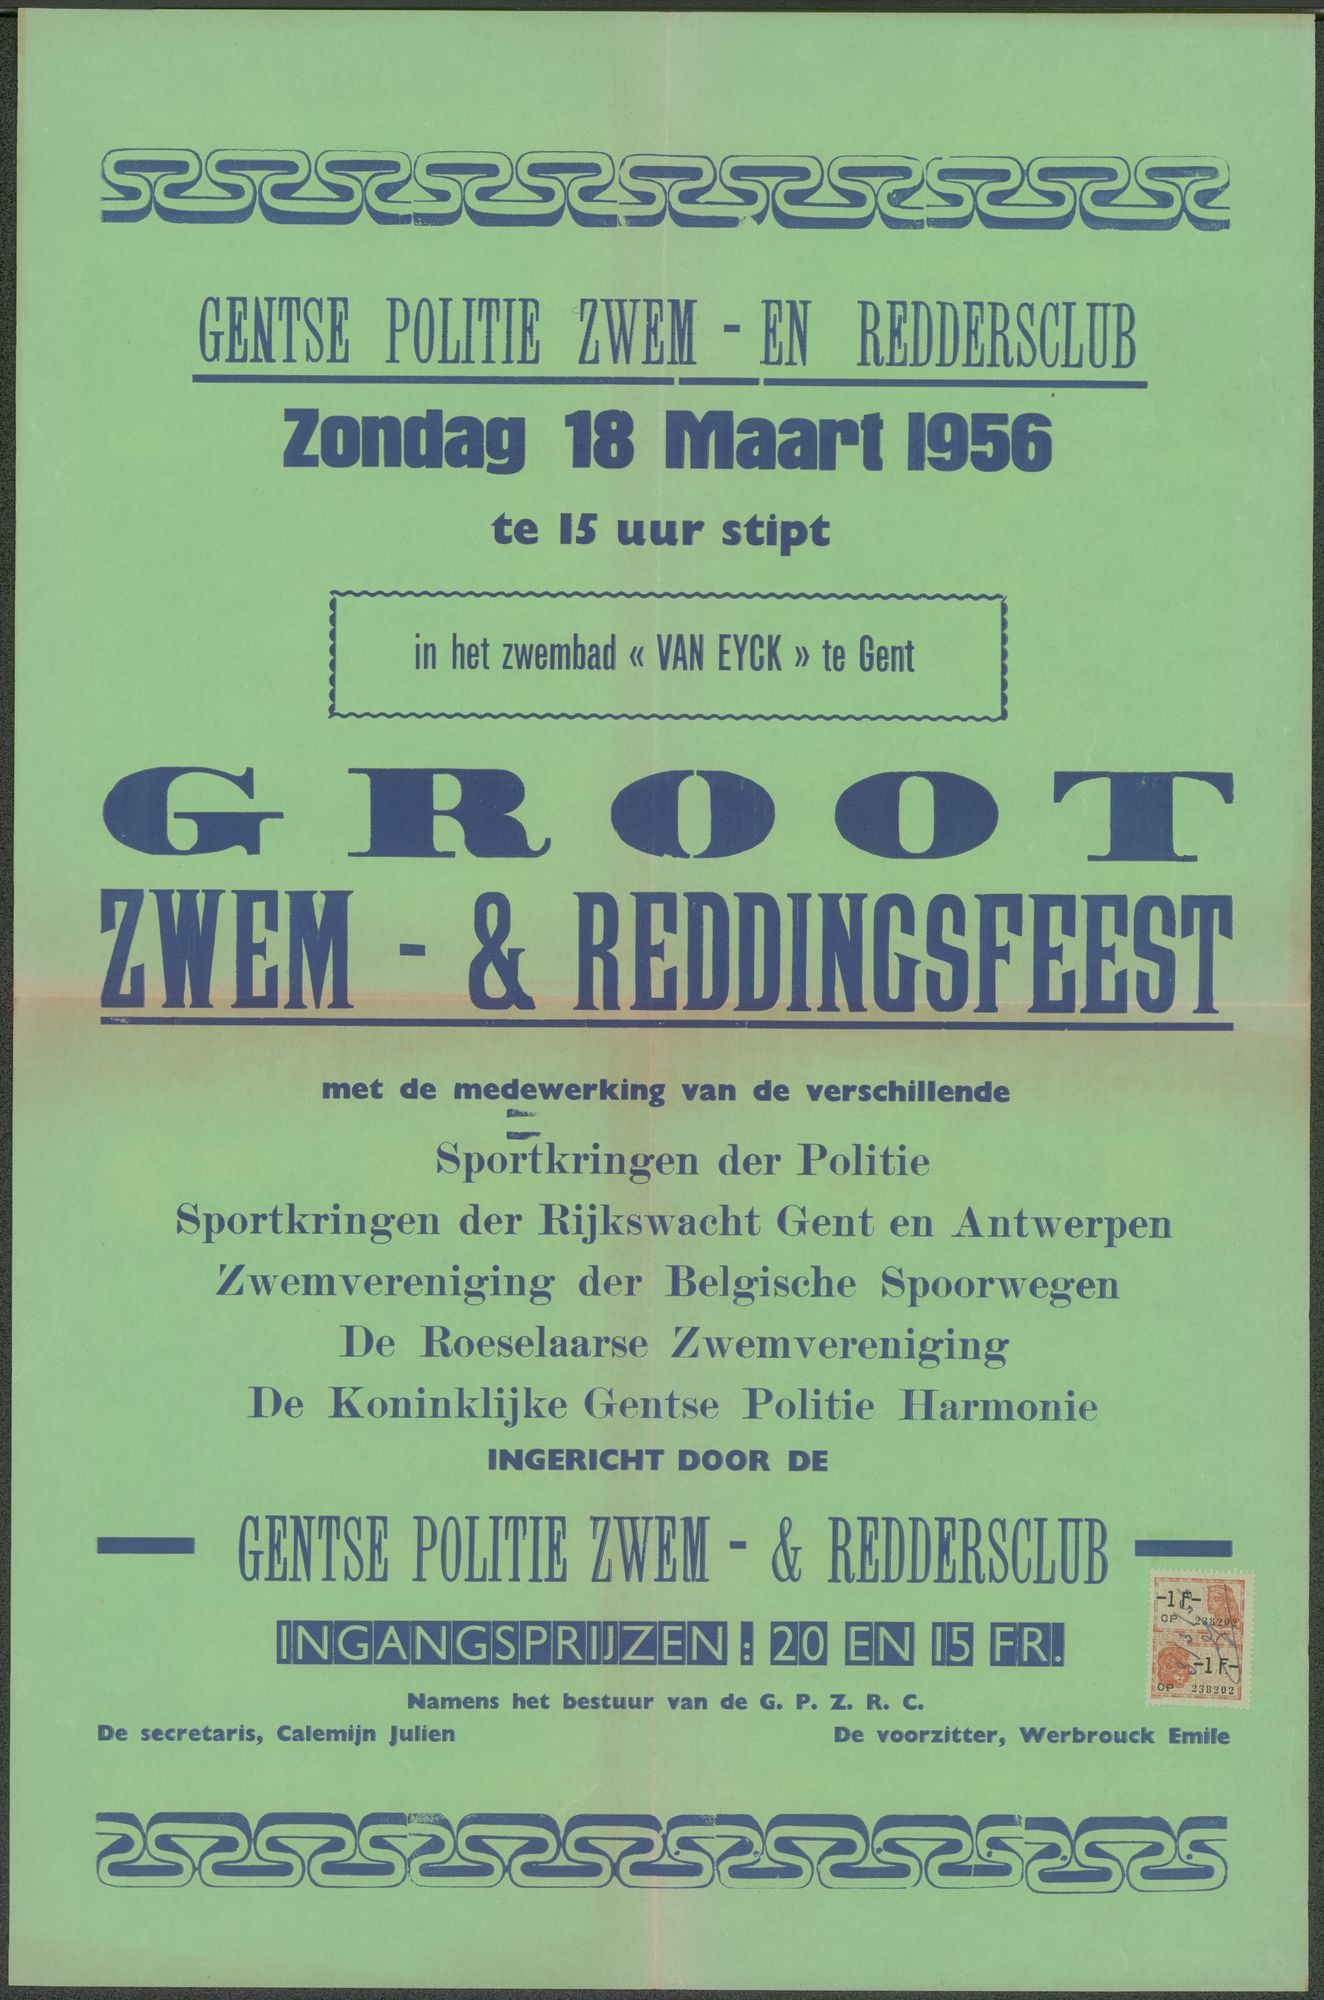 Groot Zwem- & Reddingsfeest, Gentse Politie Zwem - en Reddersclub, in het zwembad Van Eyck, Gent, zondag 18 maart 1956